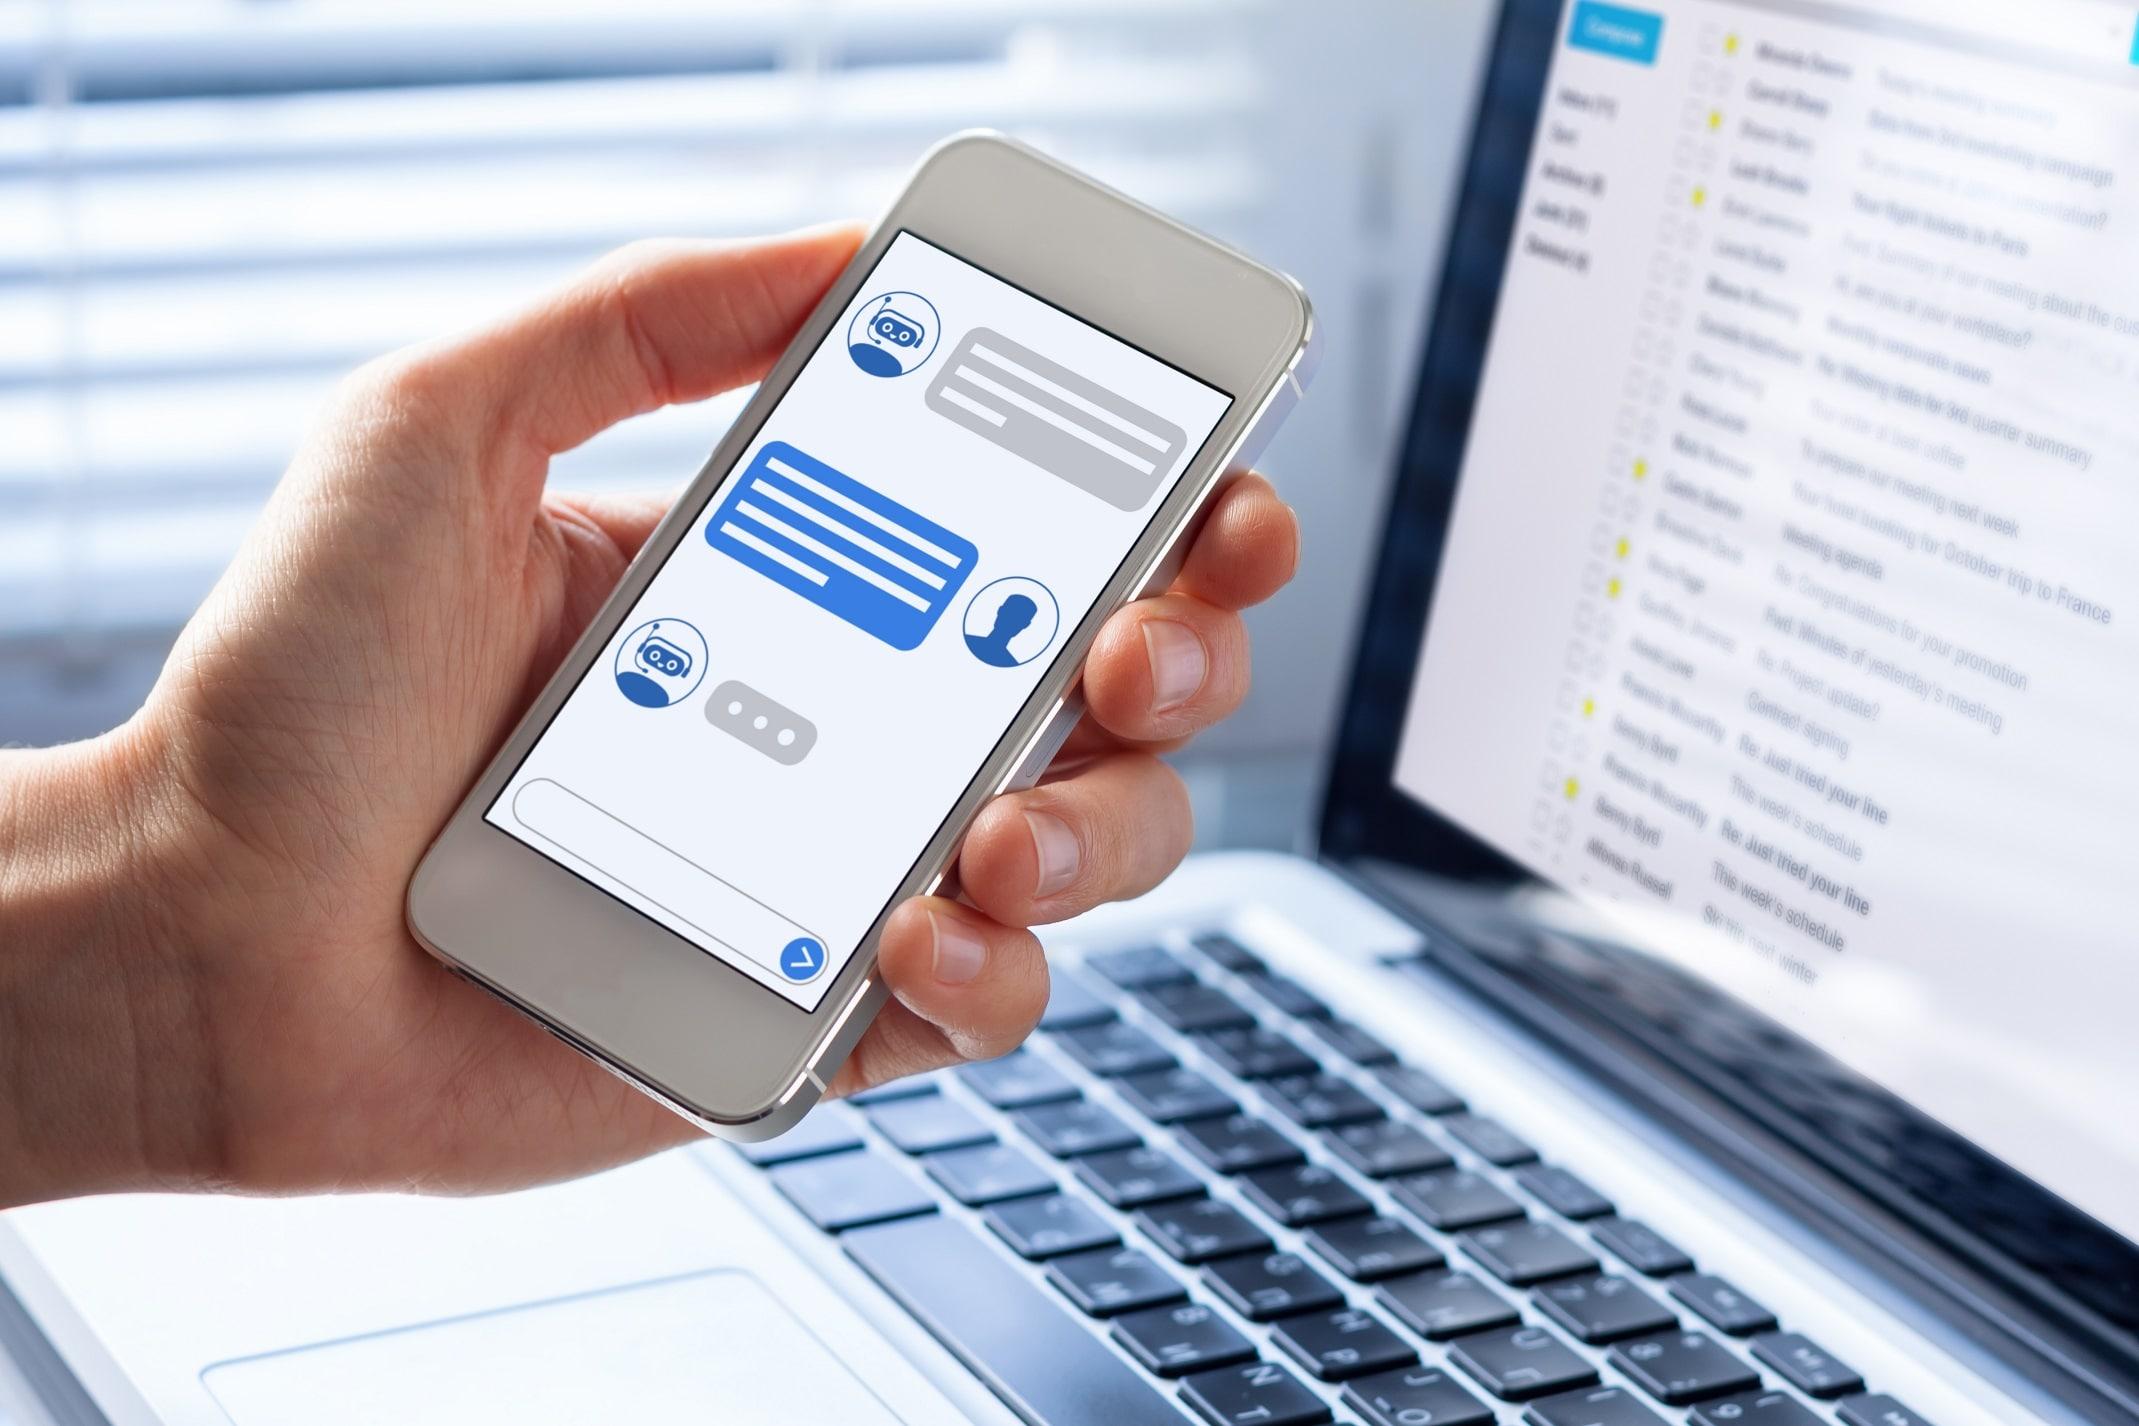 garanti bbva mobil bankacilik ile elde edebileceigimiz hizmetler nelerdir